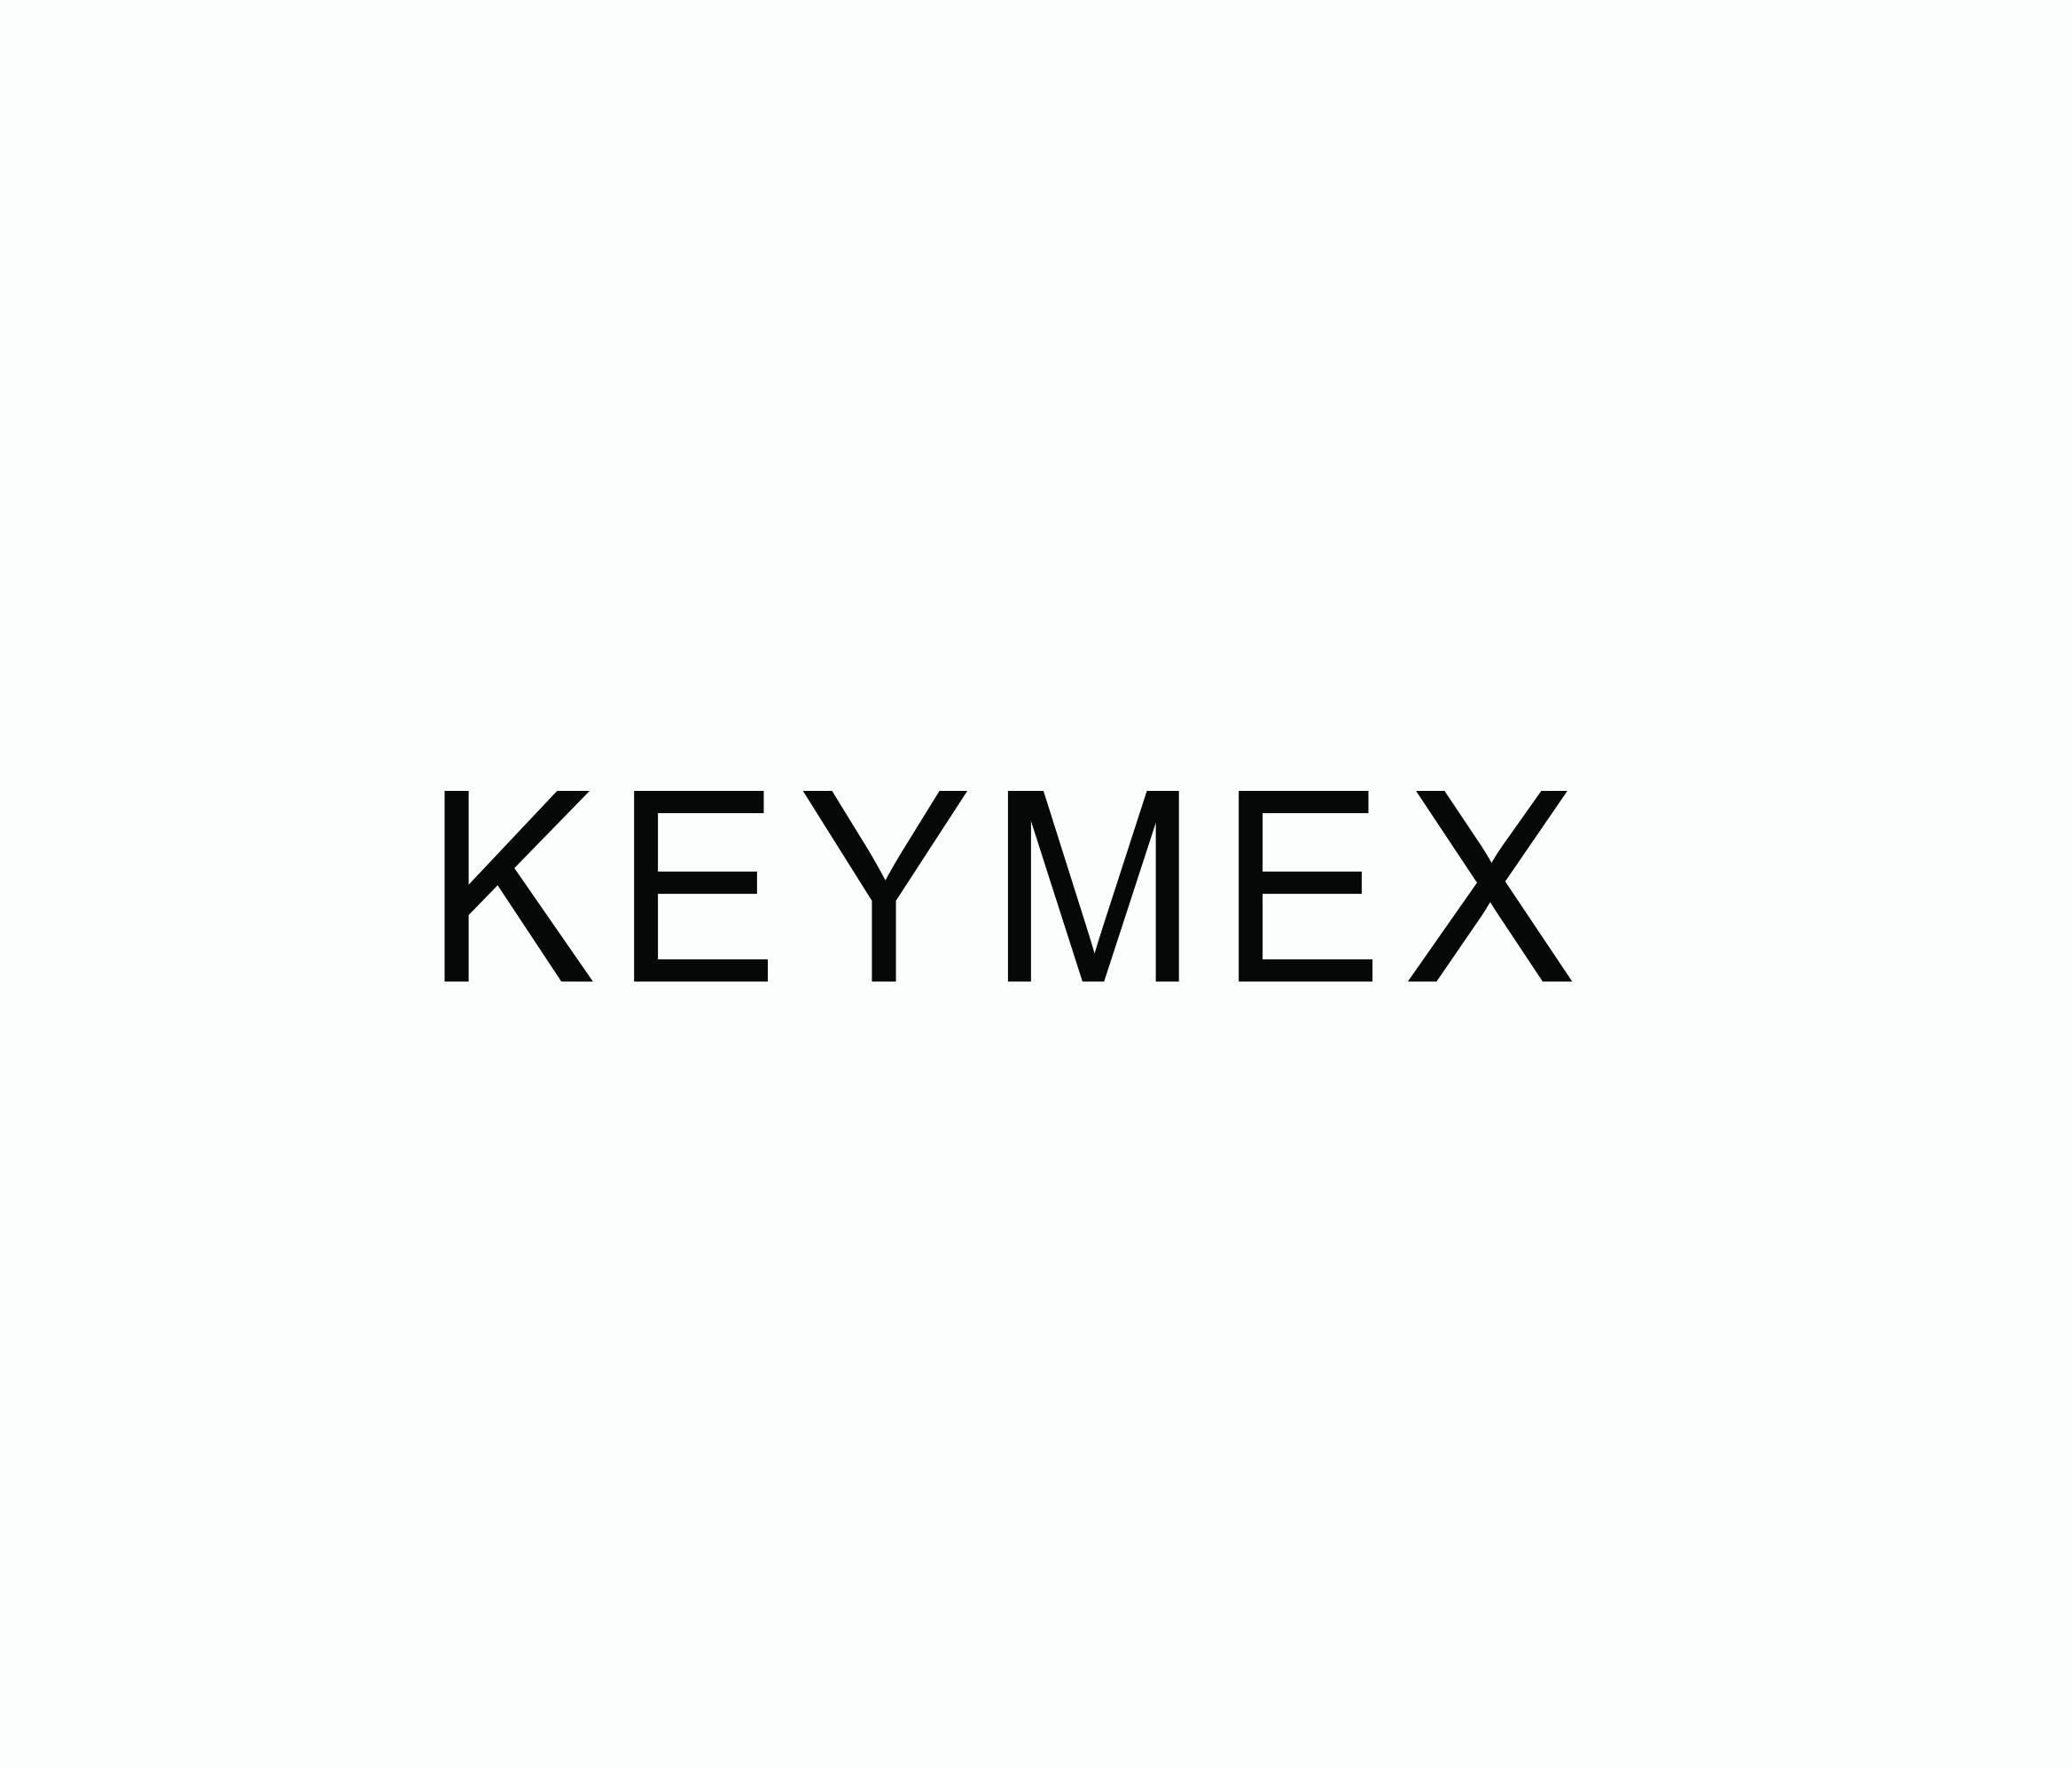 Keymex est une agence immobilière.